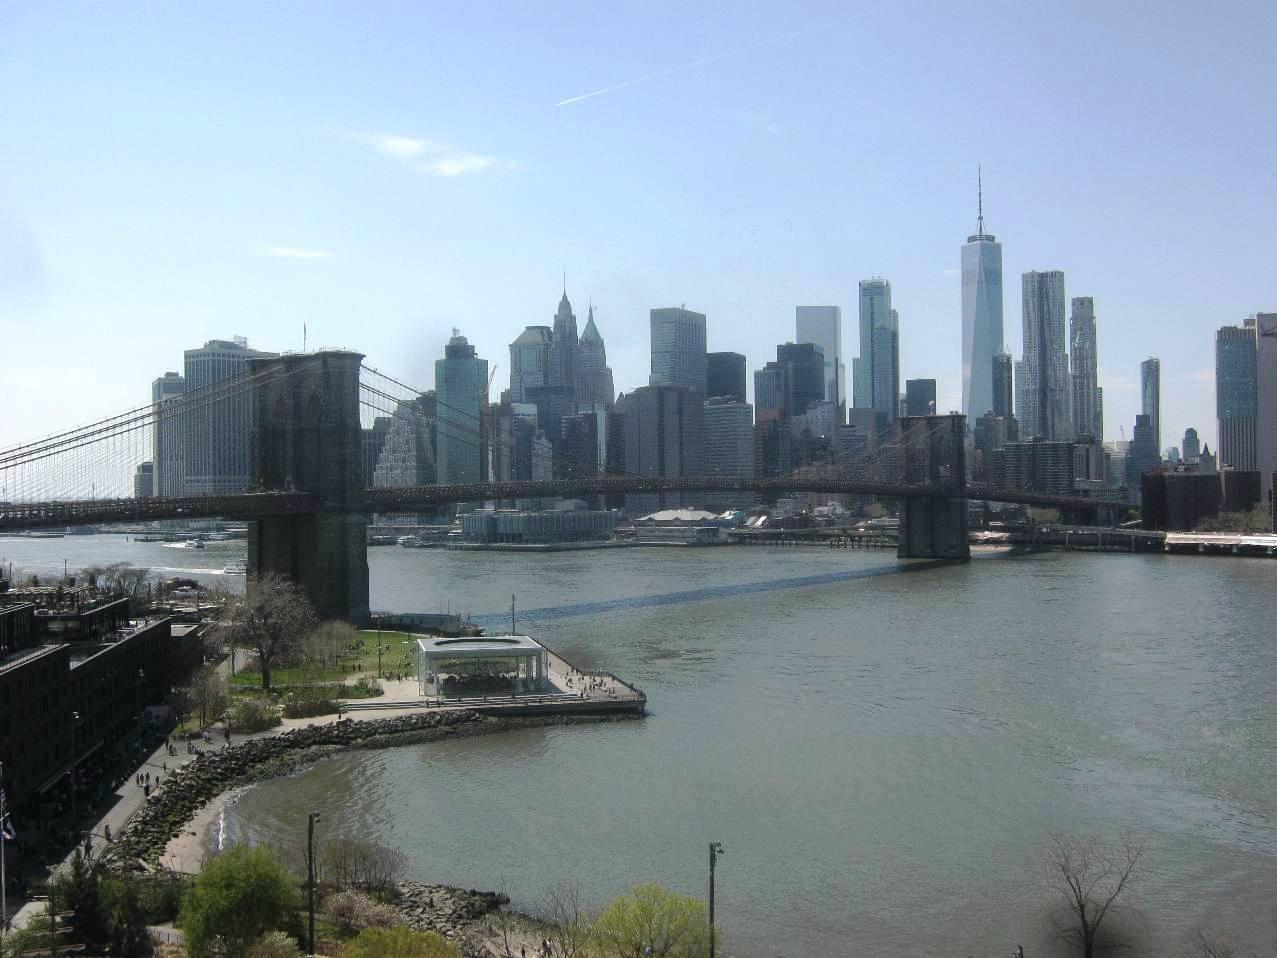 ブルックリン・ブリッジとロウアーマンハッタン。